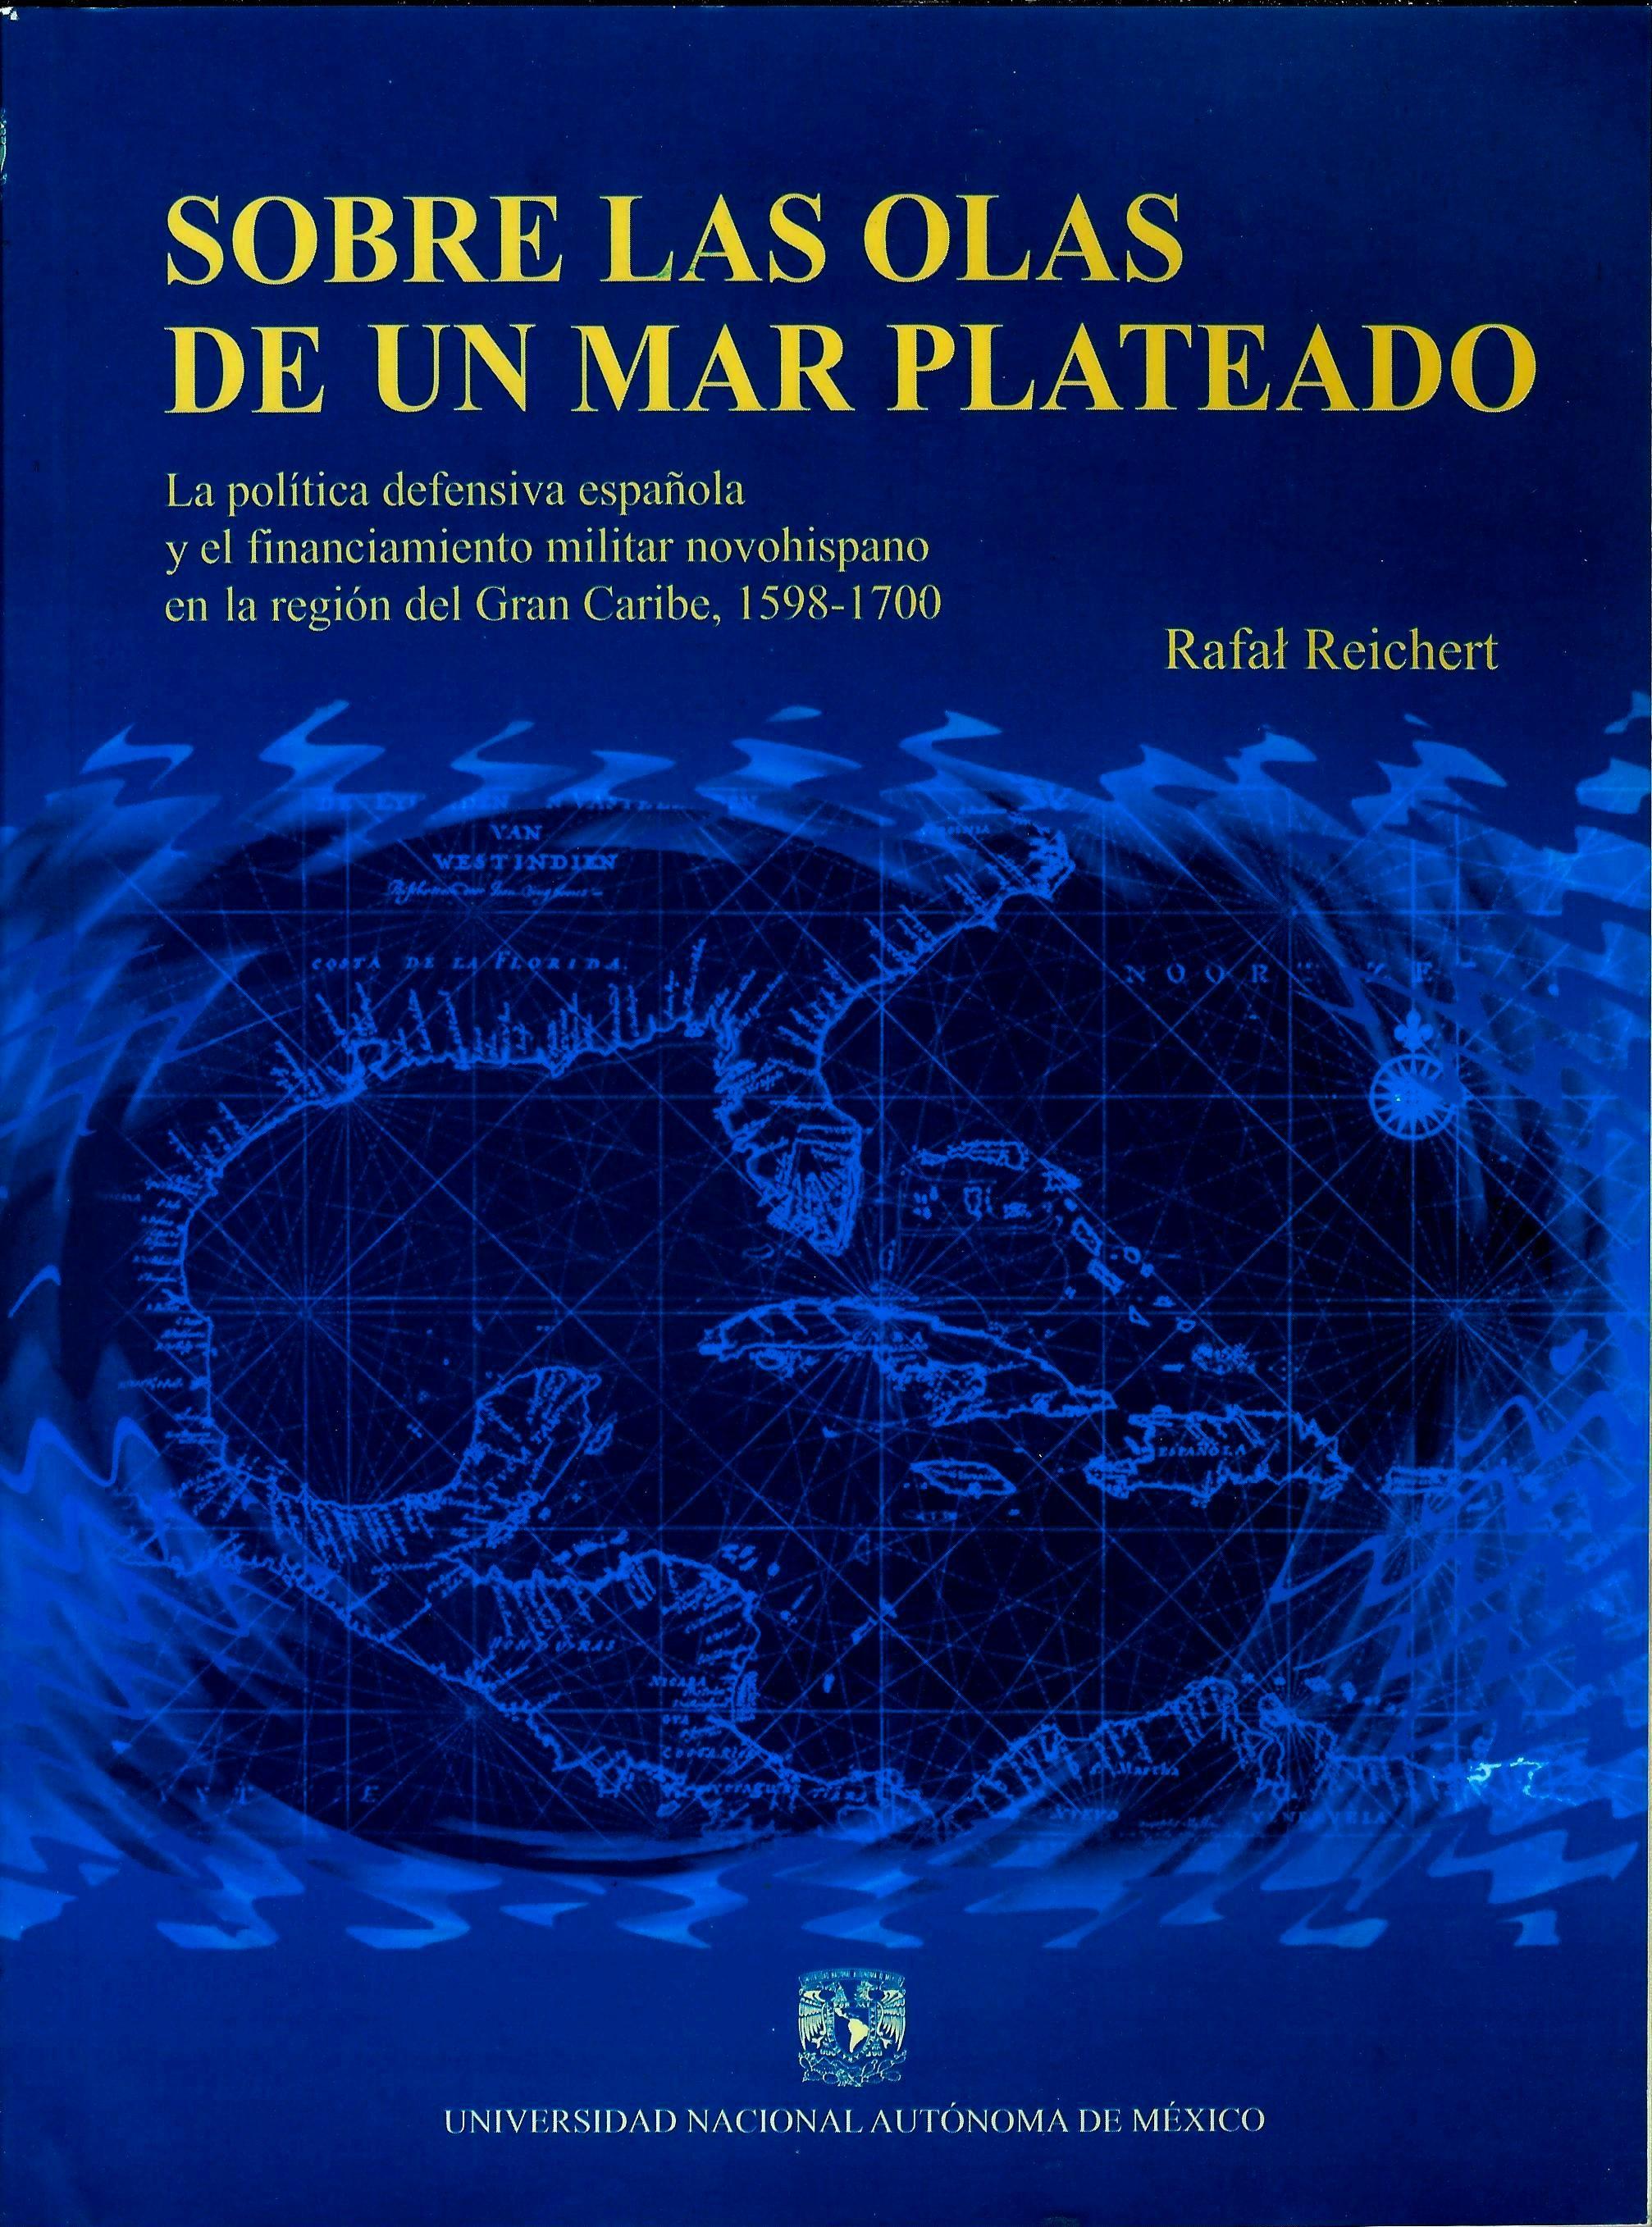 Sobre las olas de un mar plateado. La política defensiva española y el financiamiento militar novohispano en la región del gran Caribe 1598-1700